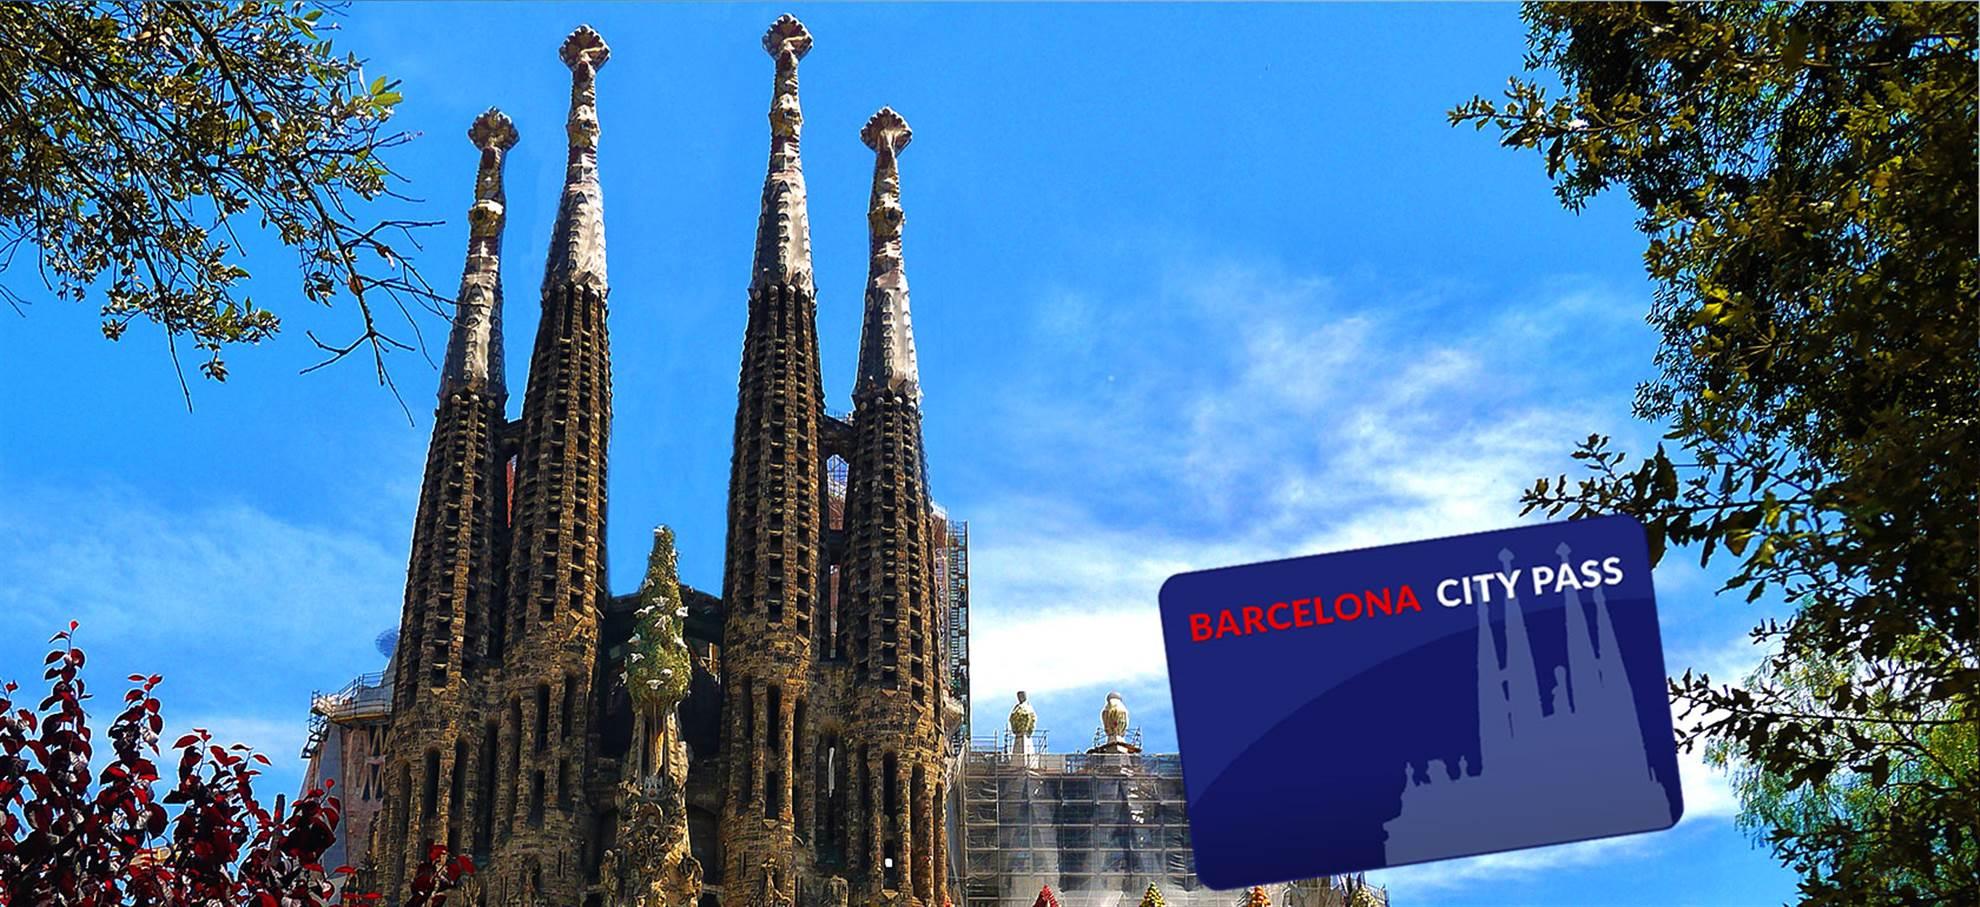 Pase de la Ciudad de Barcelona (Incl. Sagrada Familia + audioguía, Parque Güell)